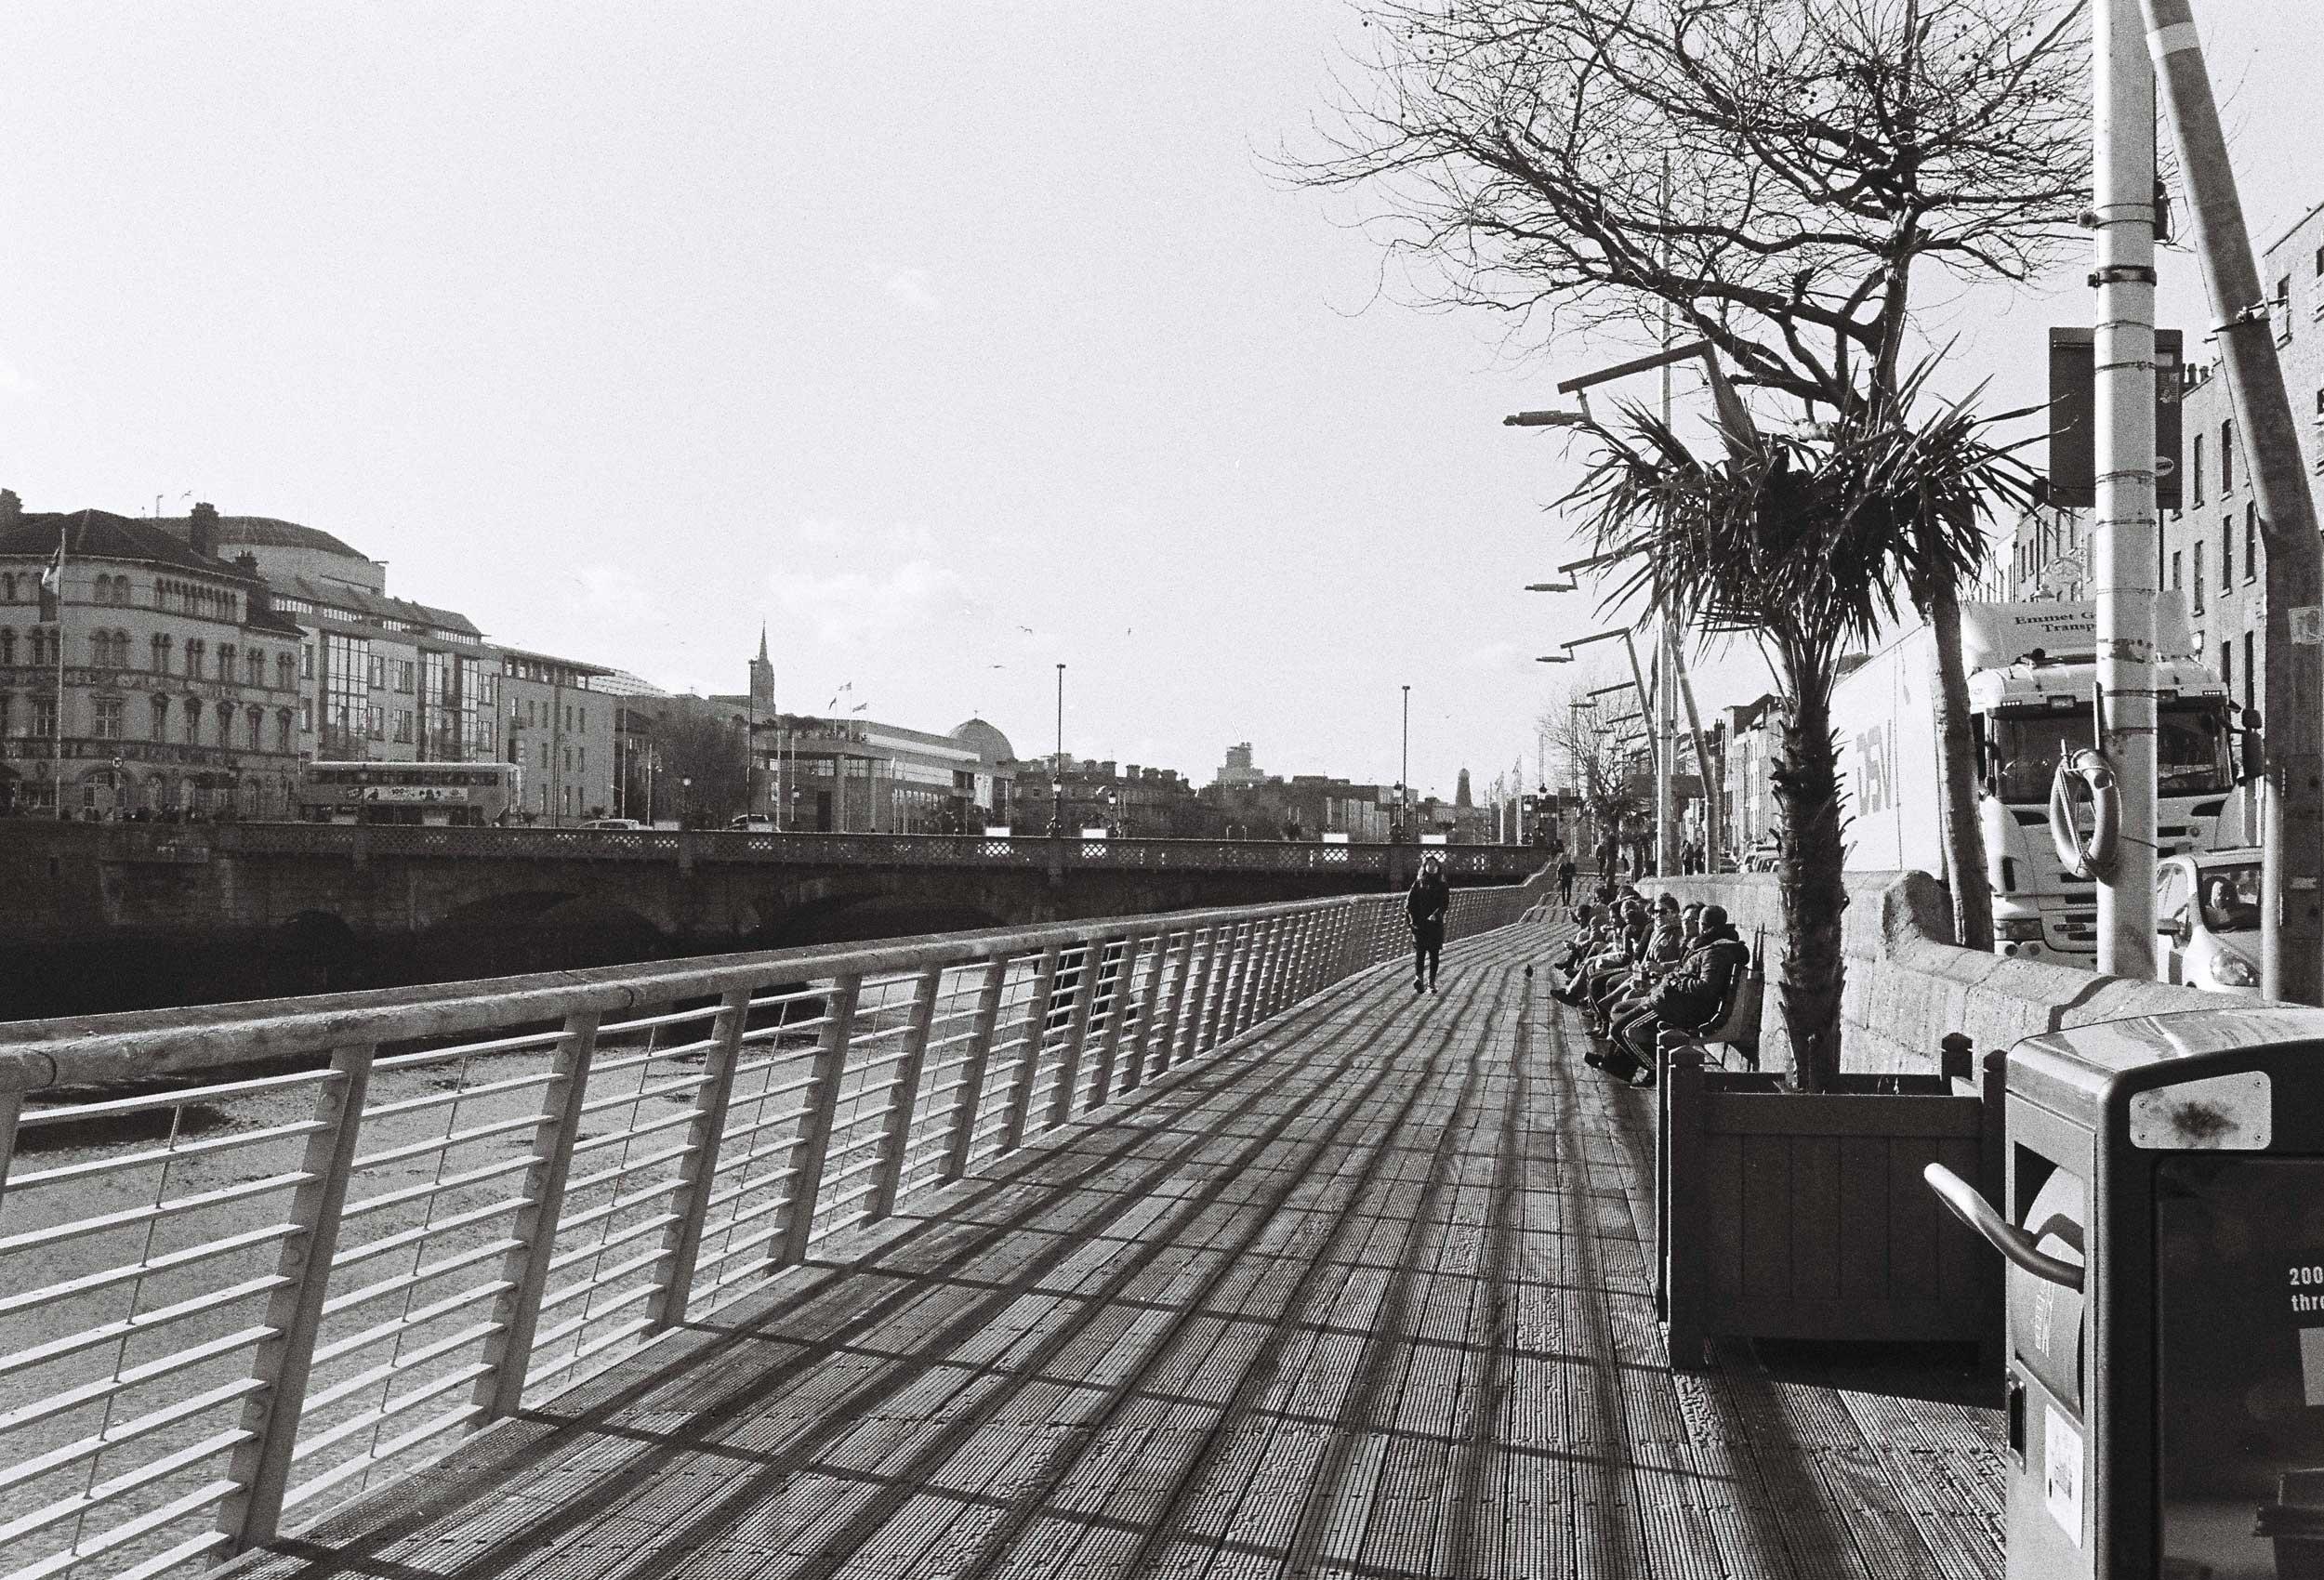 boardwalk along the Liffey River in Dublin